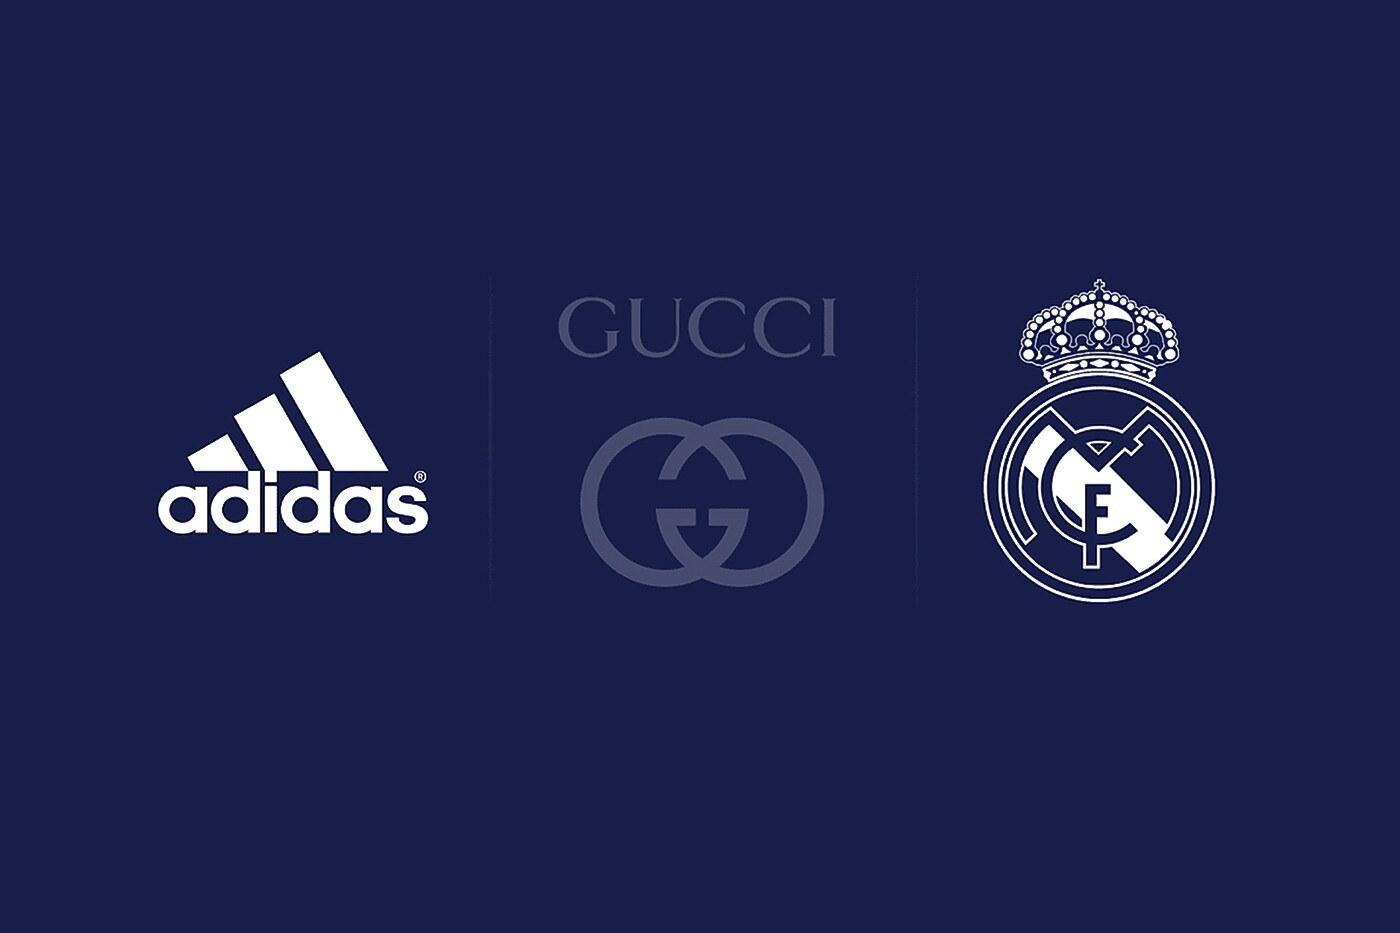 adidas Gucci Real Madrid